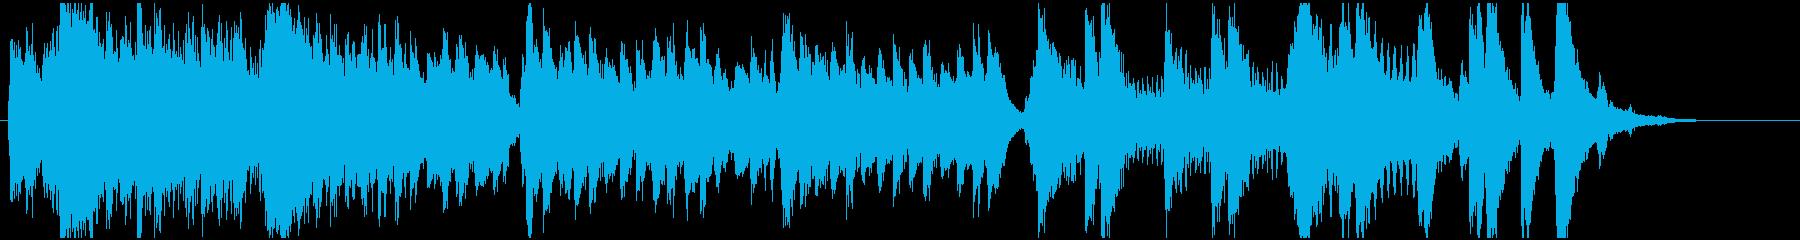 威厳ある日本風なBGMの再生済みの波形